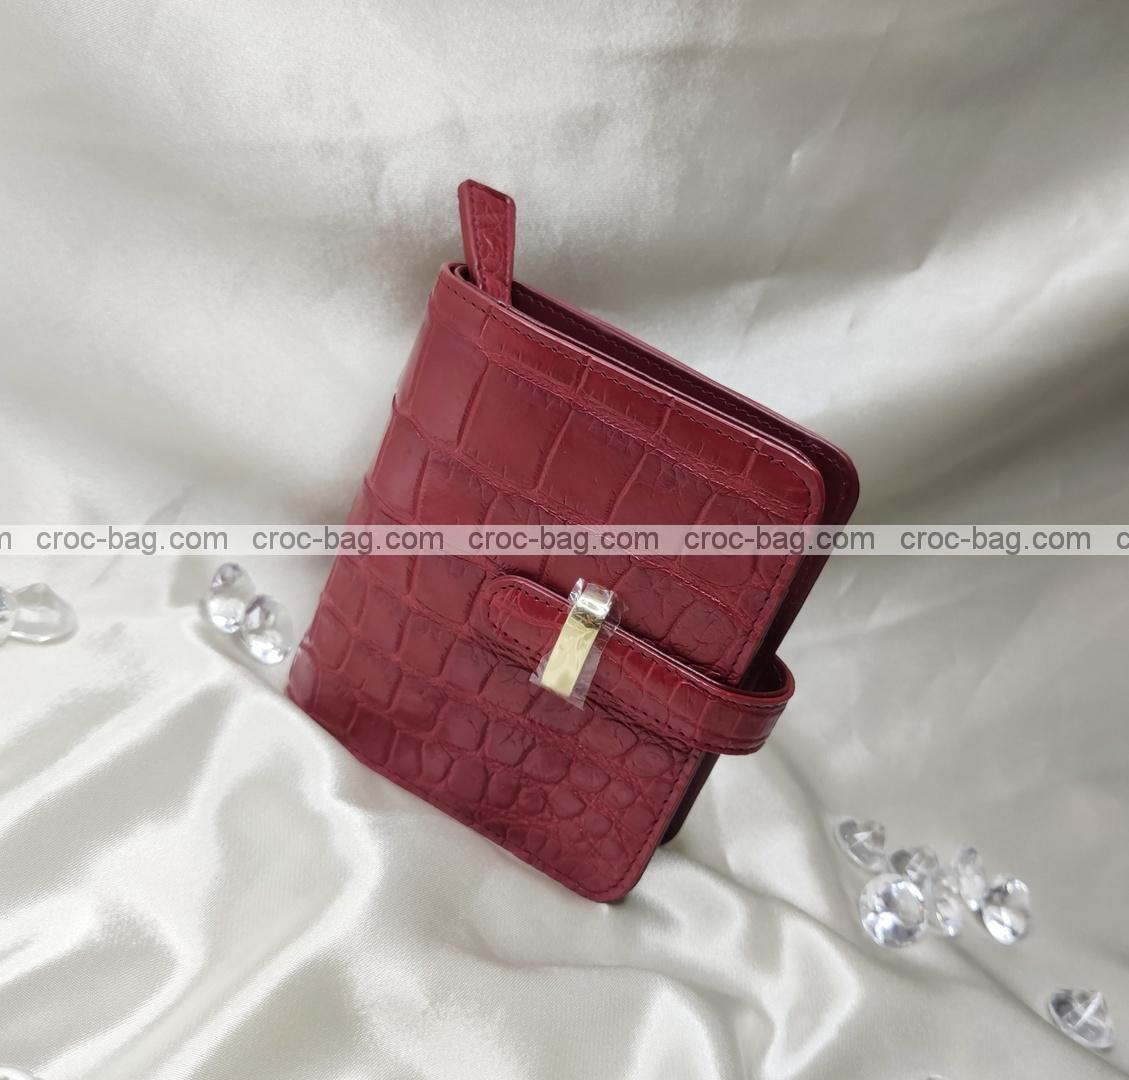 กระเป๋าหนังจระเข้สำหรับผู้หญิง 5338